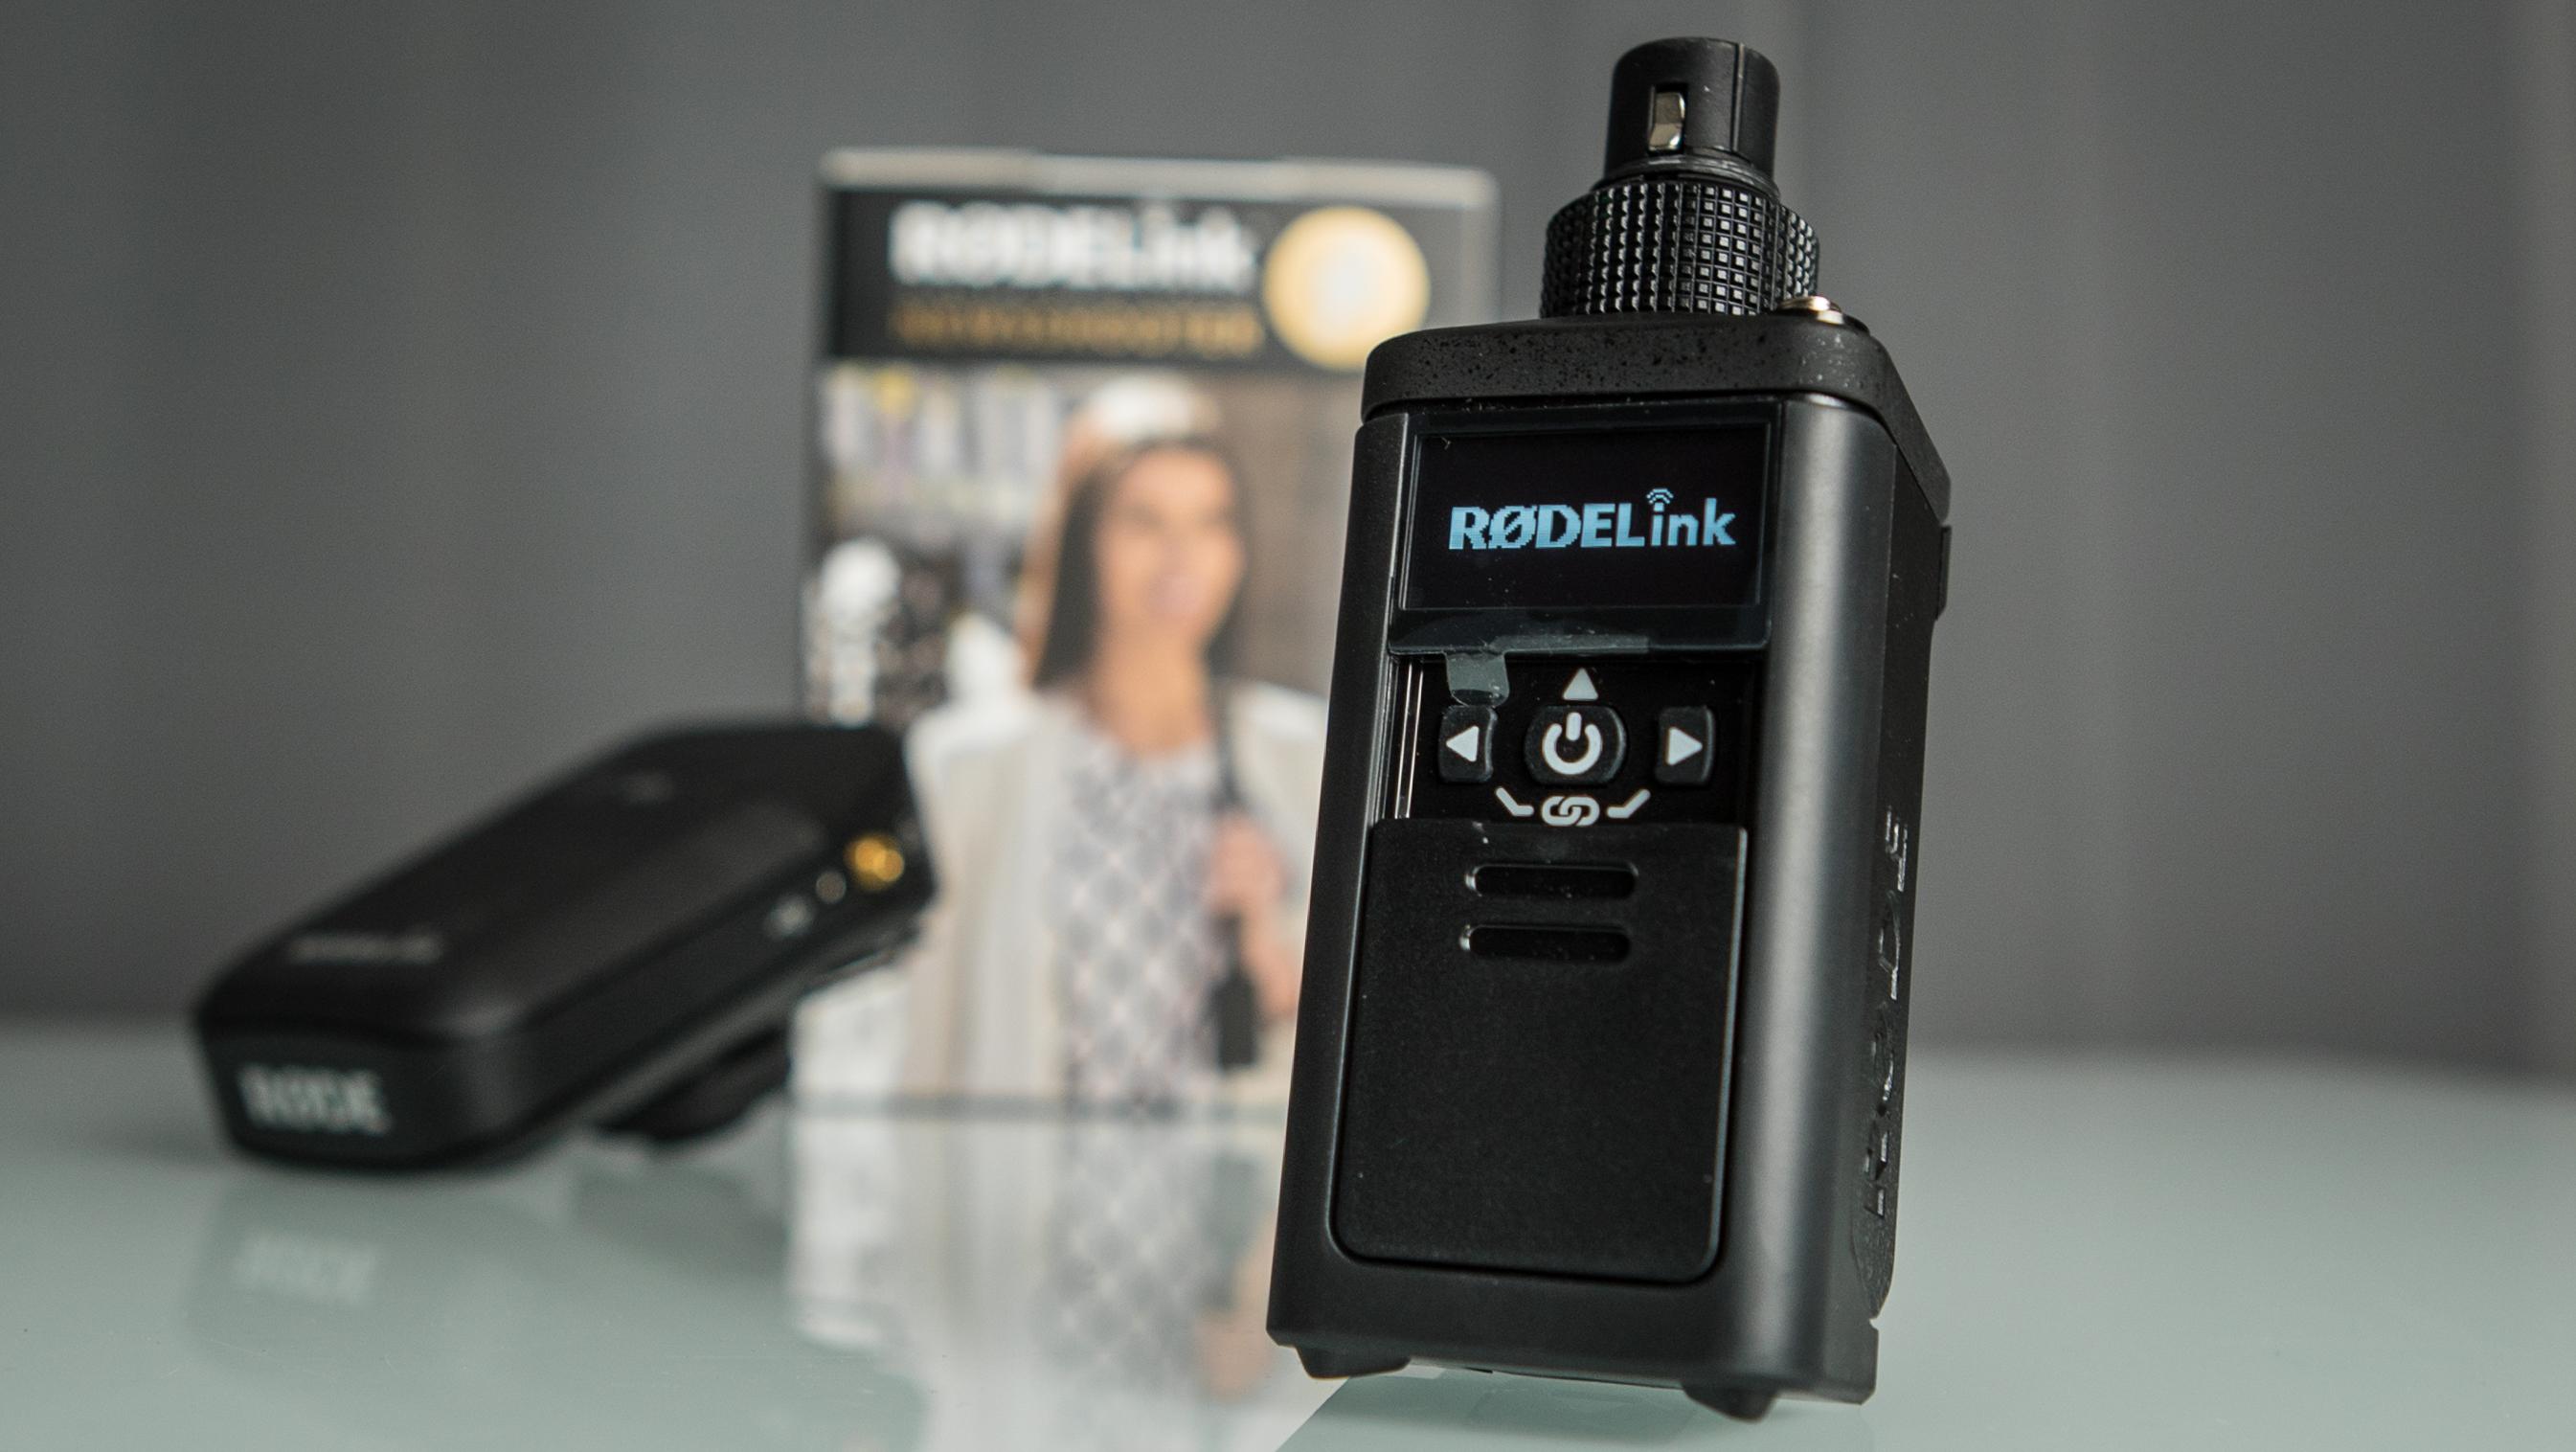 RØDE RodeLink Newsshooter Kitレビュー - ワンマン取材に最適のオーディオワイヤレスシステム